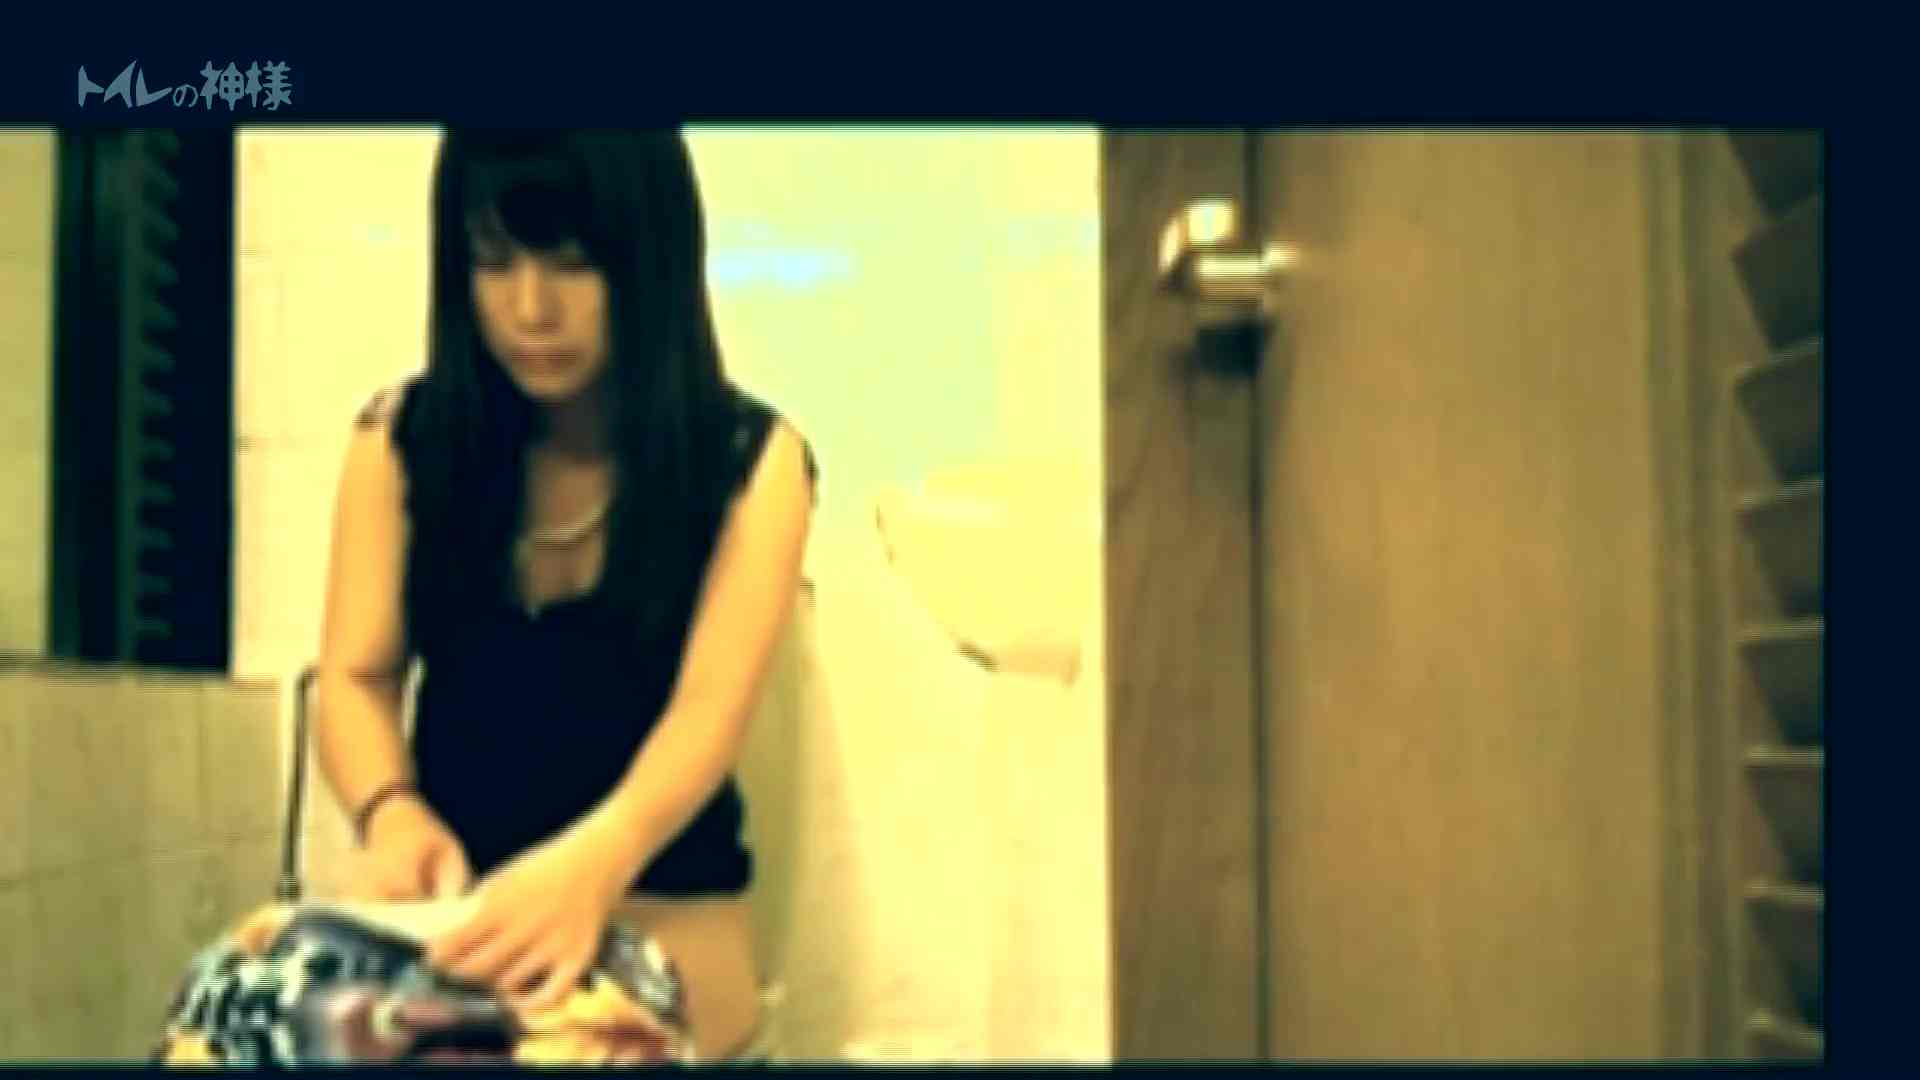 トイレの神様 Vol.01 花の女子大生うんこ盗撮1 Hな女子大生 のぞき動画キャプチャ 96pic 89